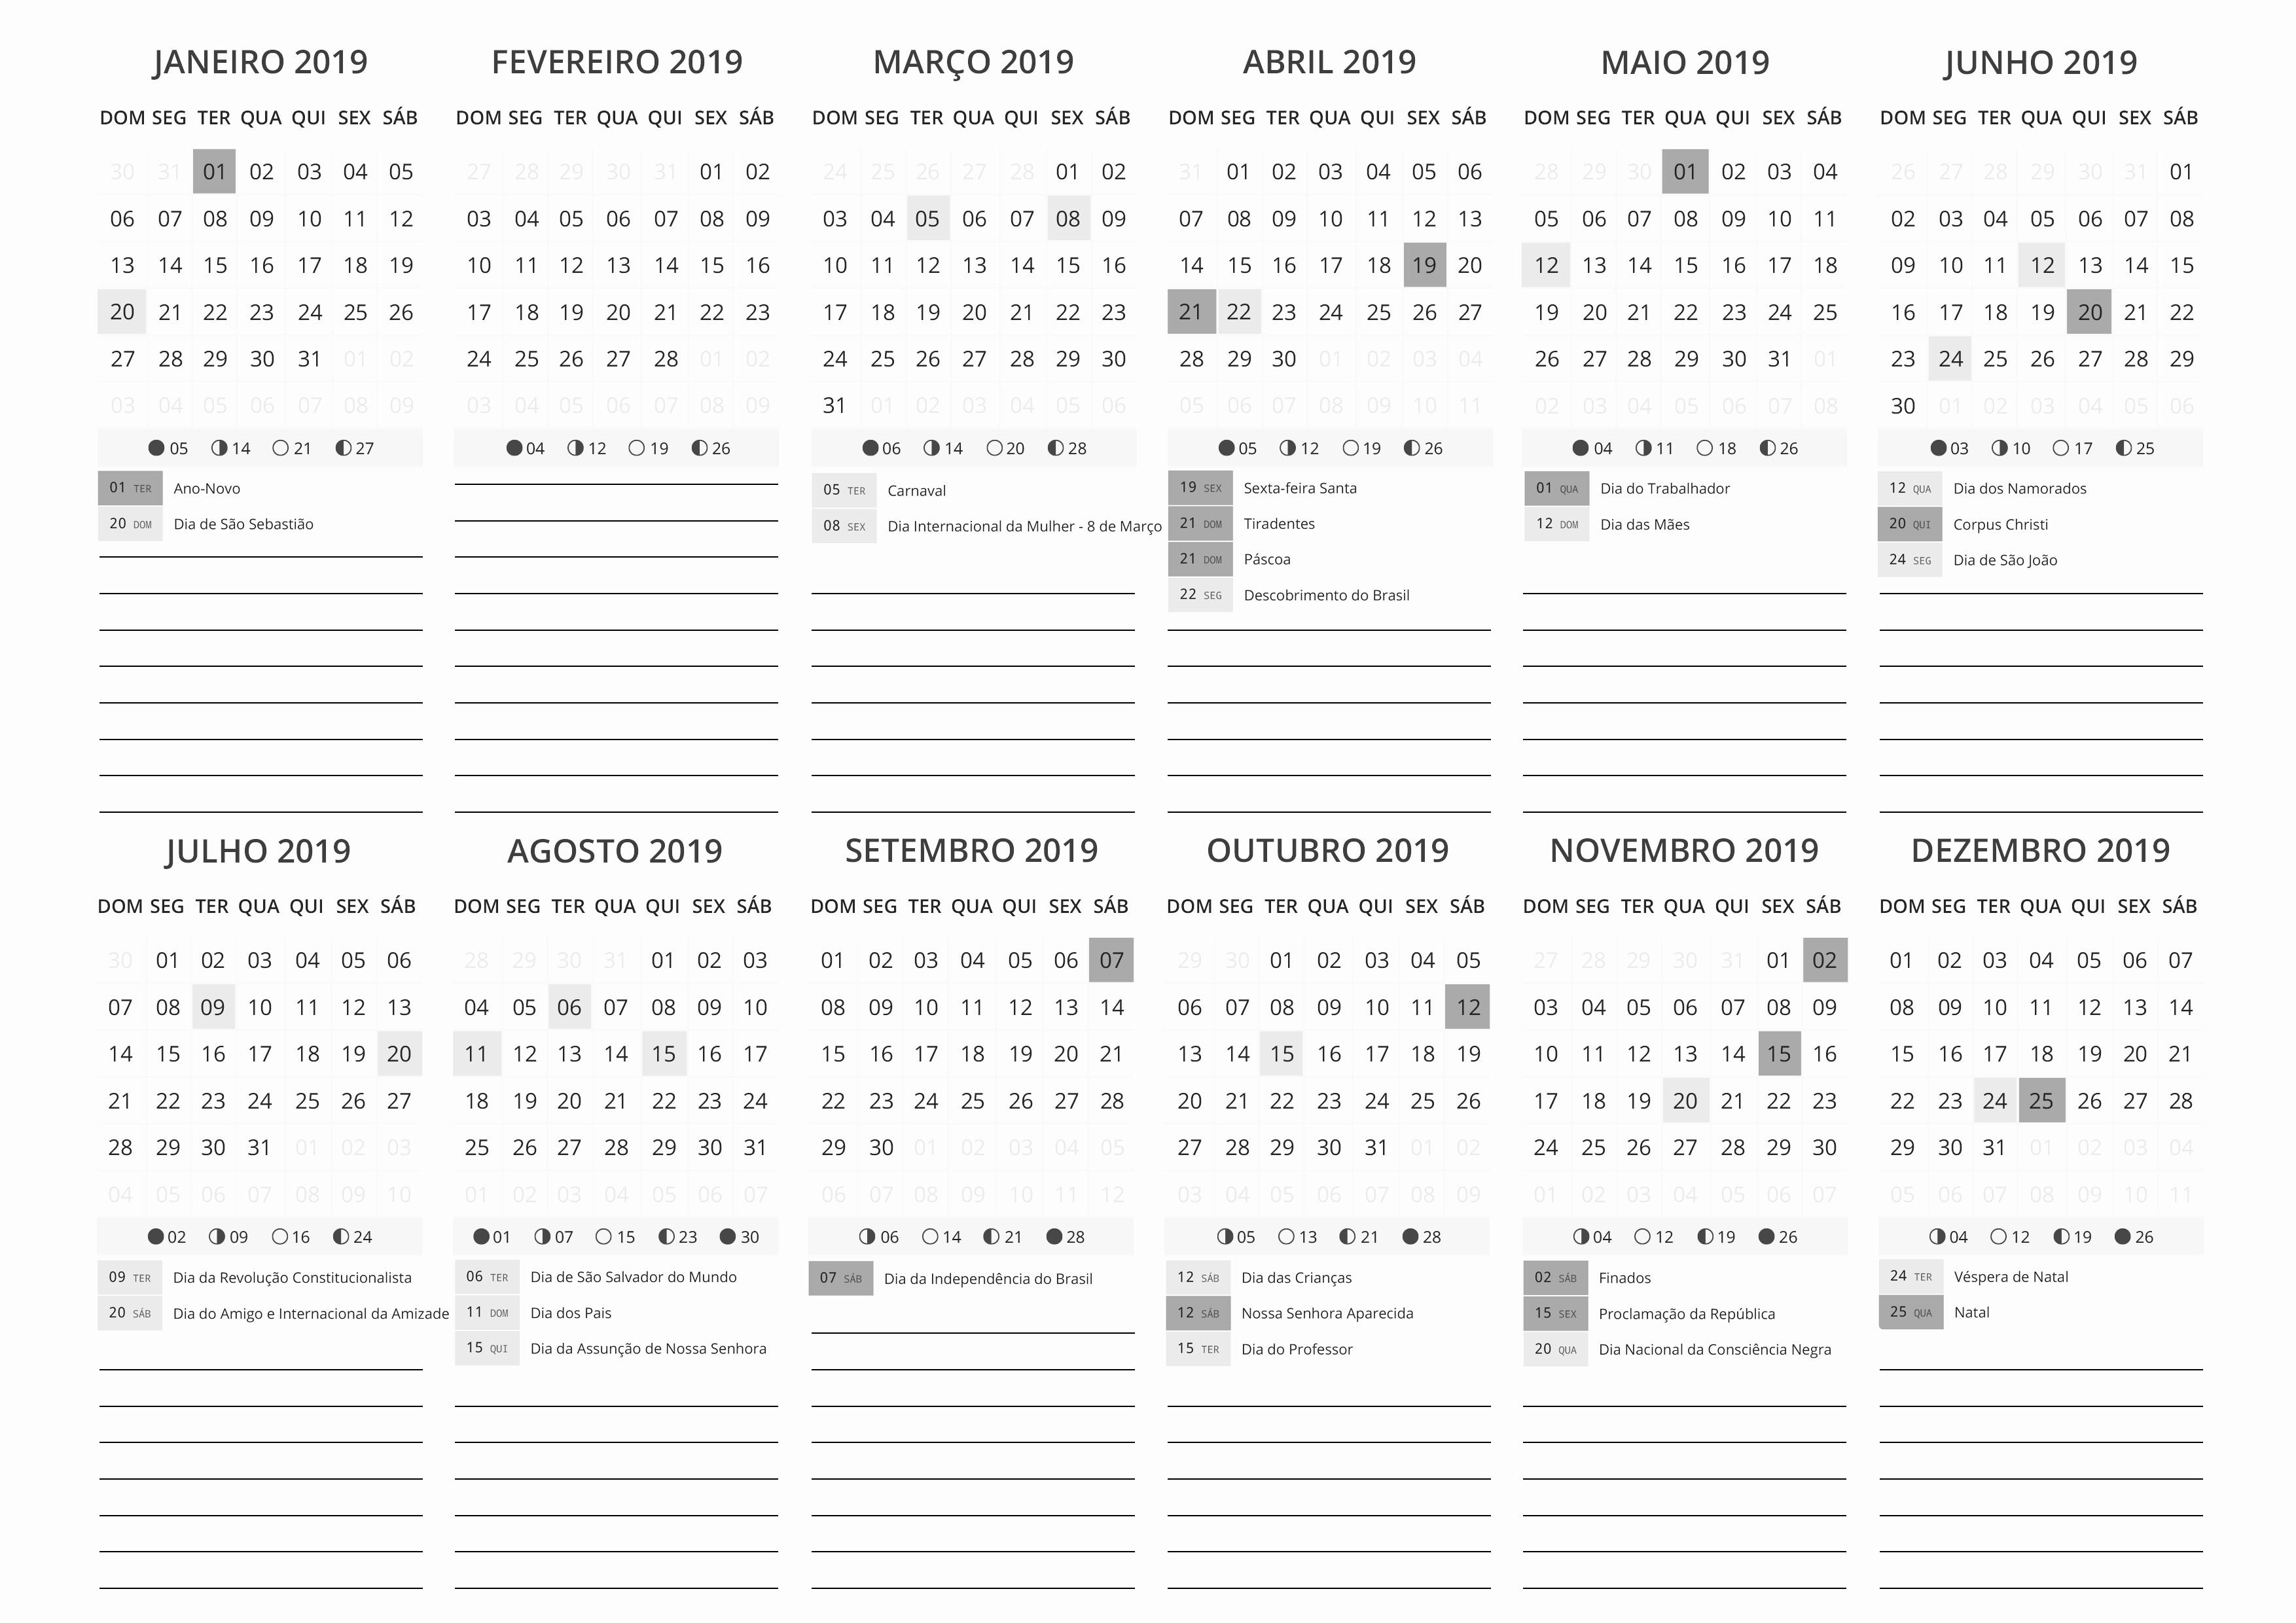 Calendario 2019 Brasileiro Vetor Más Recientes Calendario Ade Uma 2019 Calendario 2019 Para Imprimir Fazendo A Of Calendario 2019 Brasileiro Vetor Mejores Y Más Novedosos Revisar Calendario 2019 Feriados Brasil